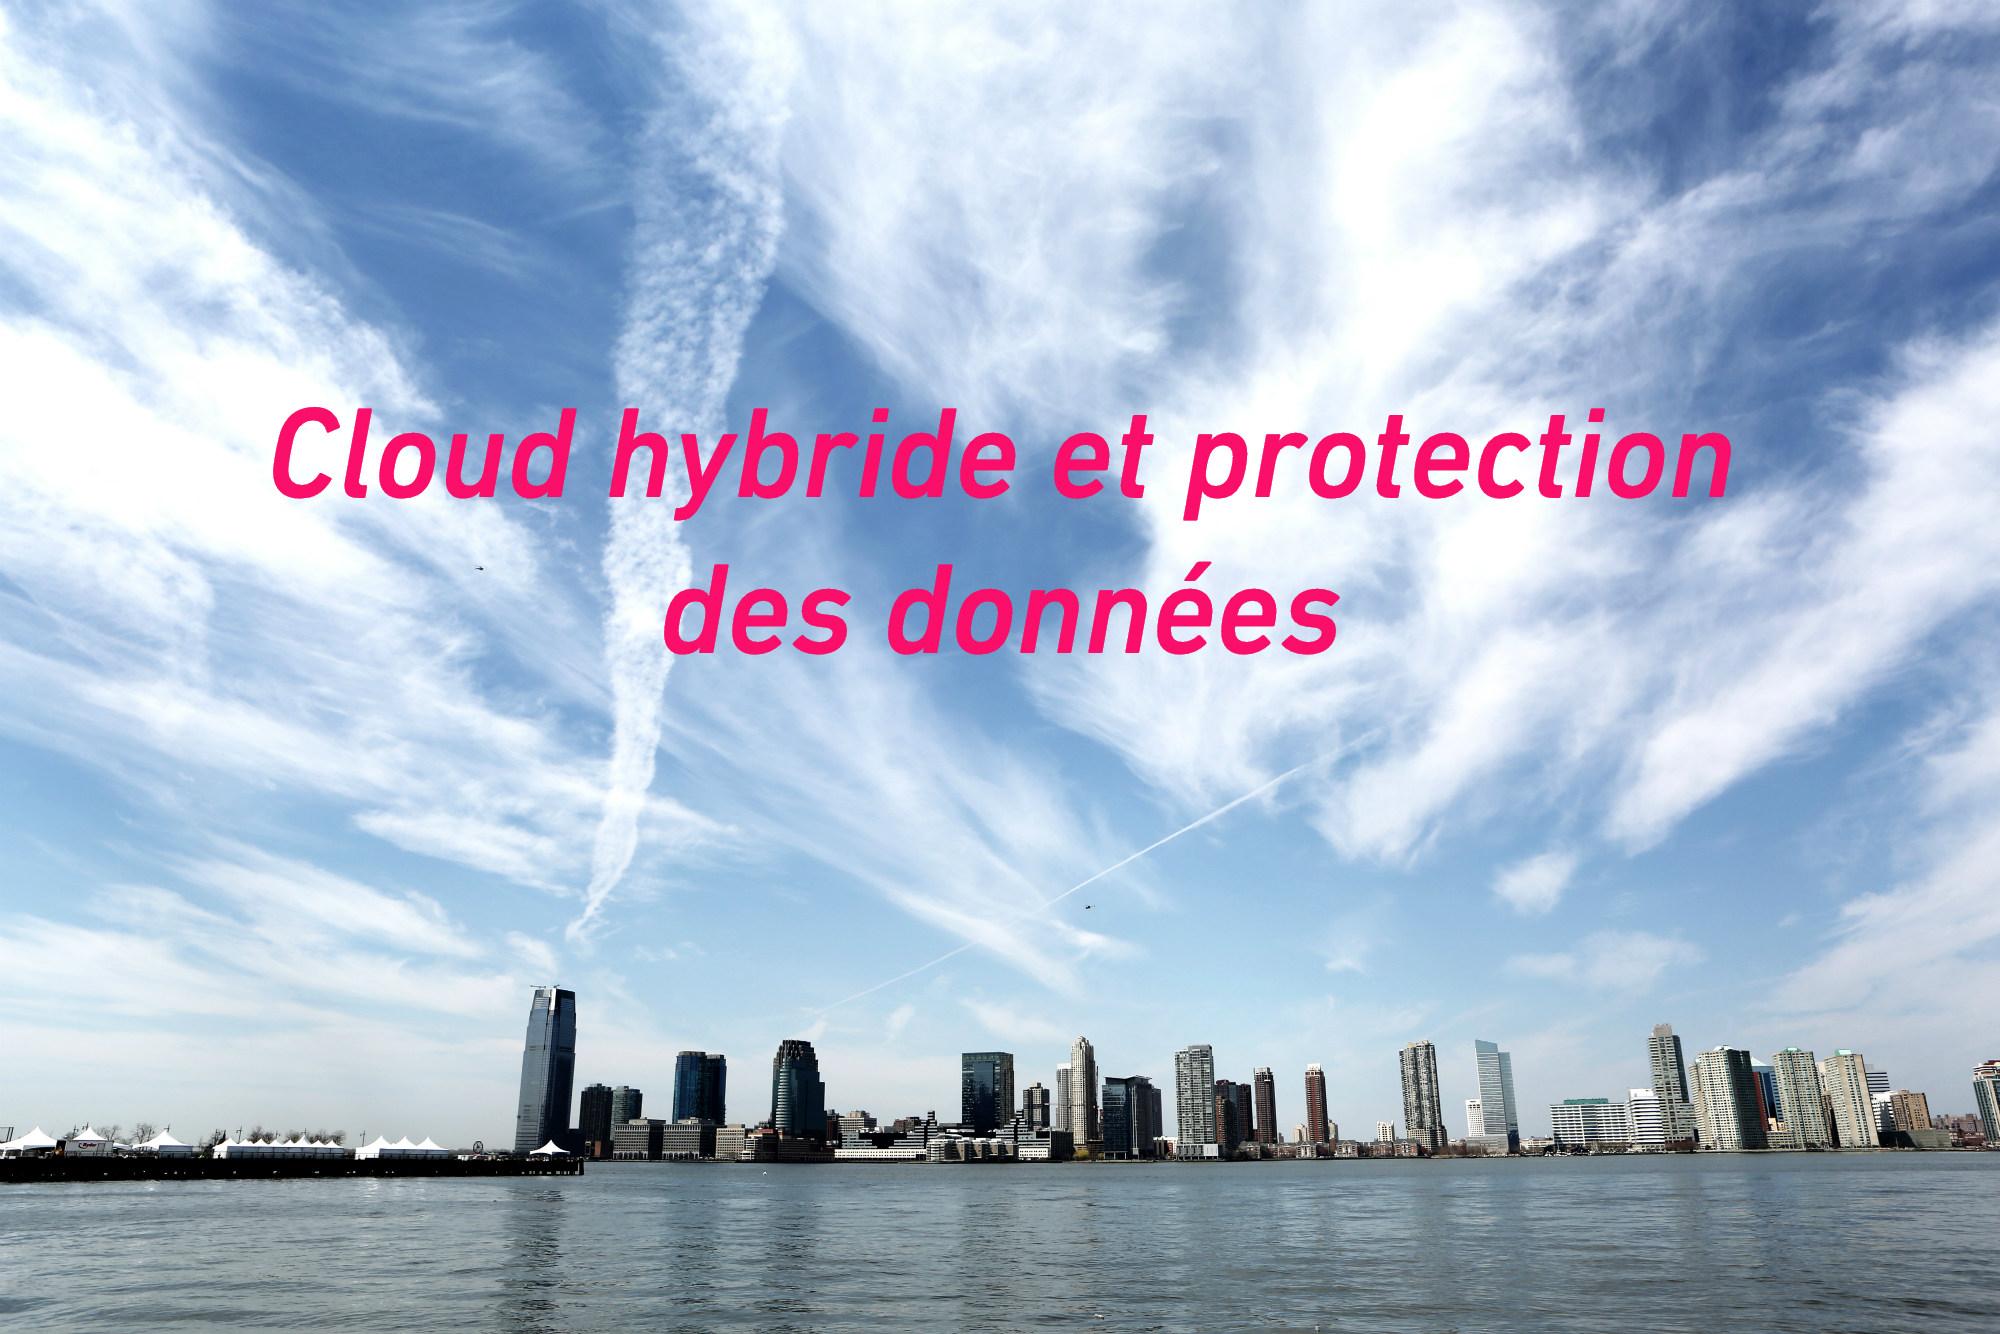 Cloud hybride et protection des données